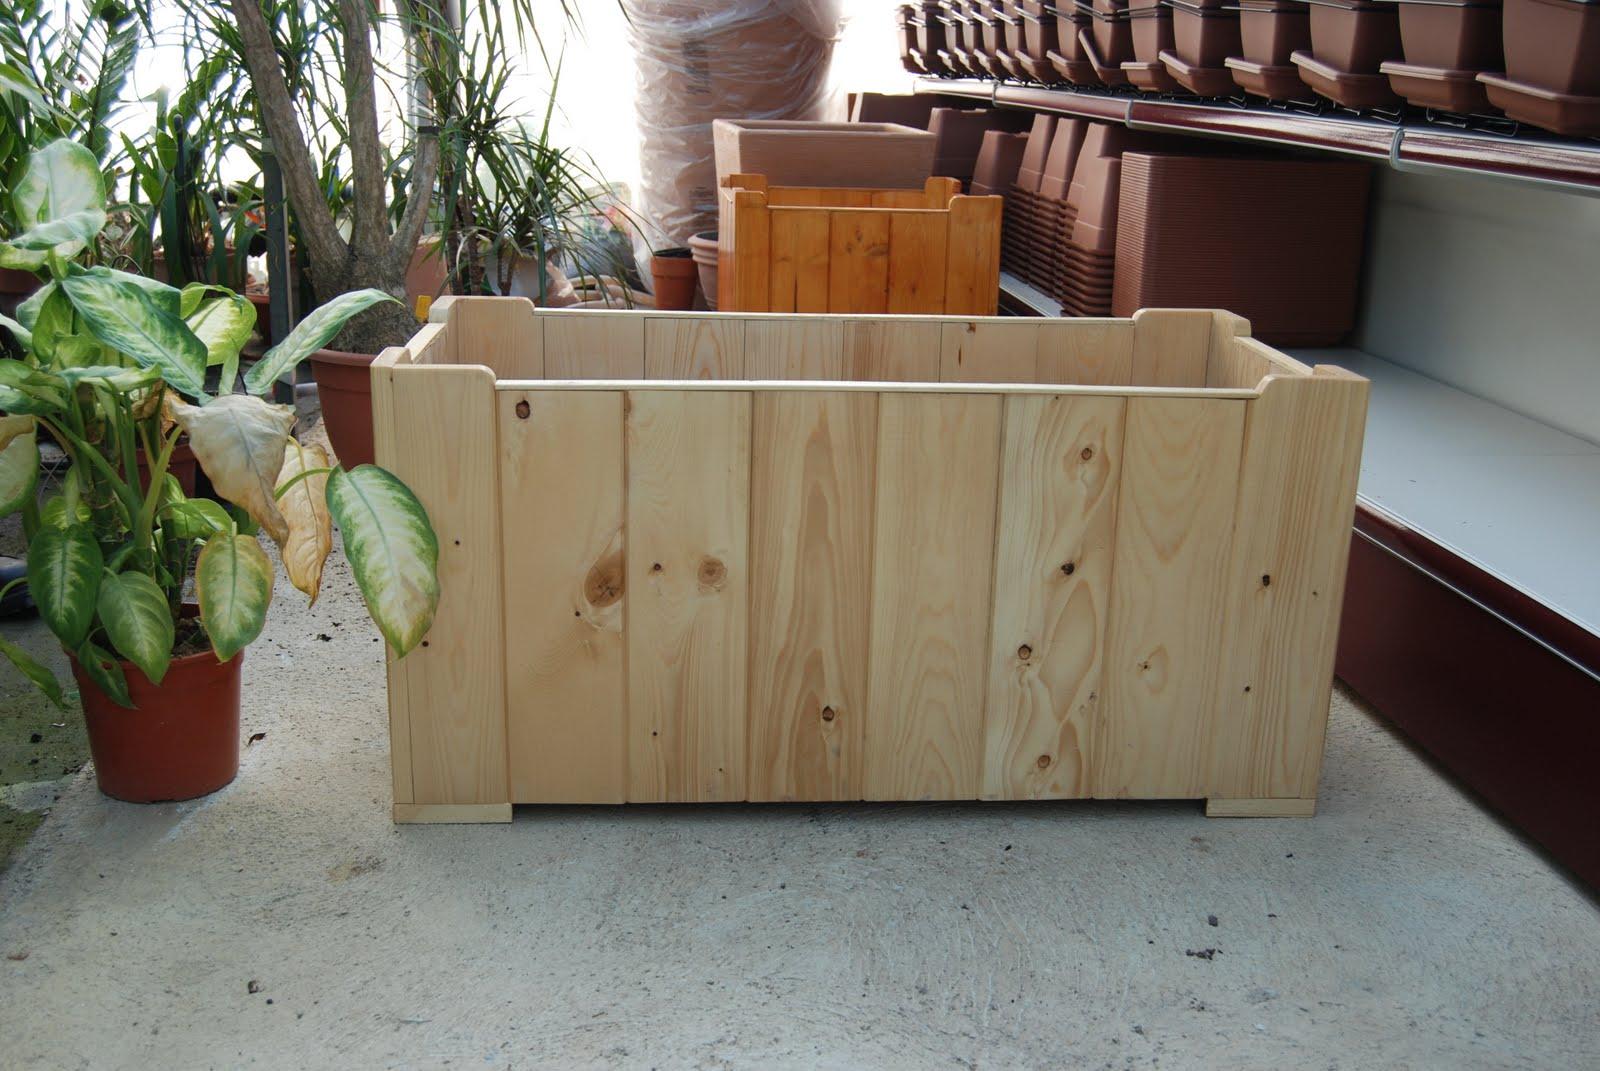 Redwood legno portavasi for Portavasi in legno